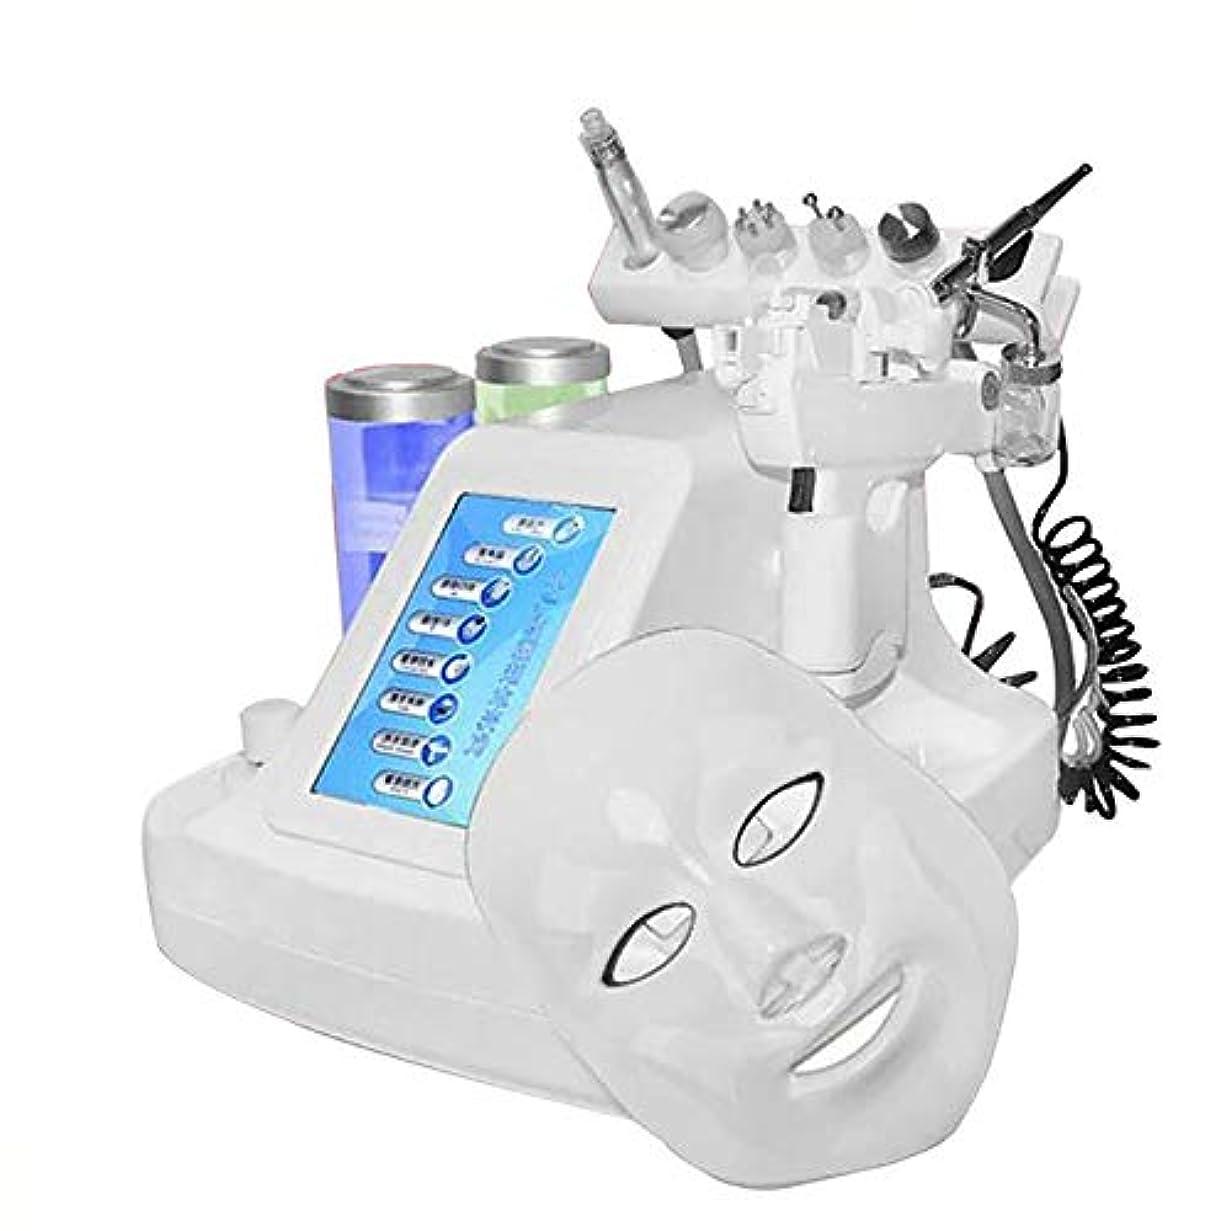 私たちのものノミネート分解する1台の水の酸素マシン、水ハイドロ皮膚剥離?フェイシャルスプレー保湿若返りスキン機で8